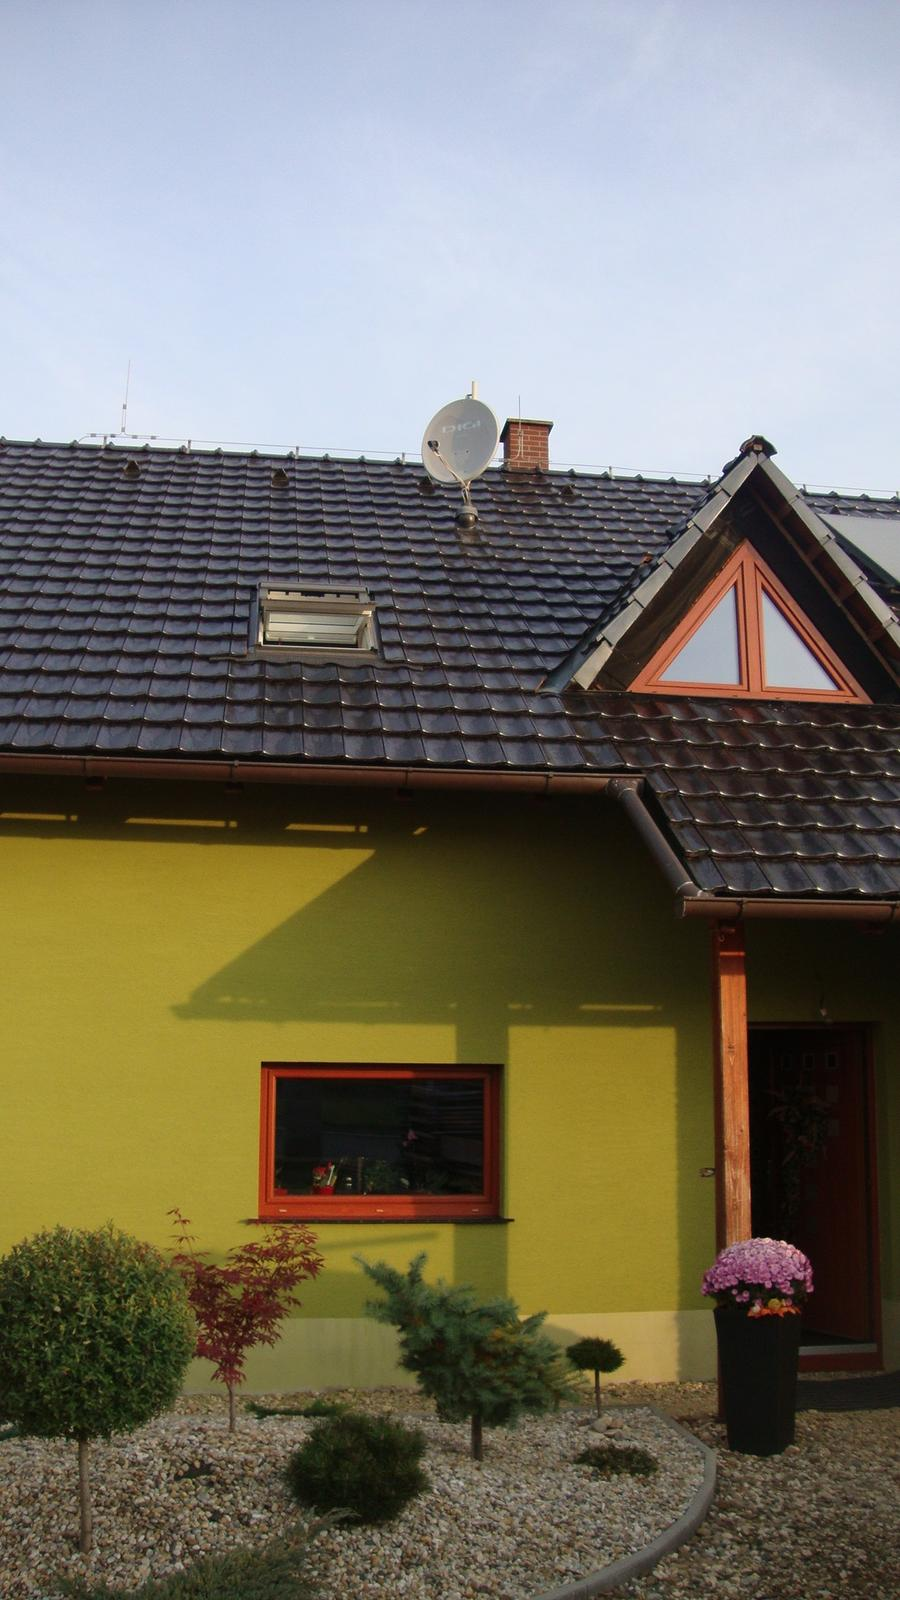 Náš domeček - Obrázek č. 39